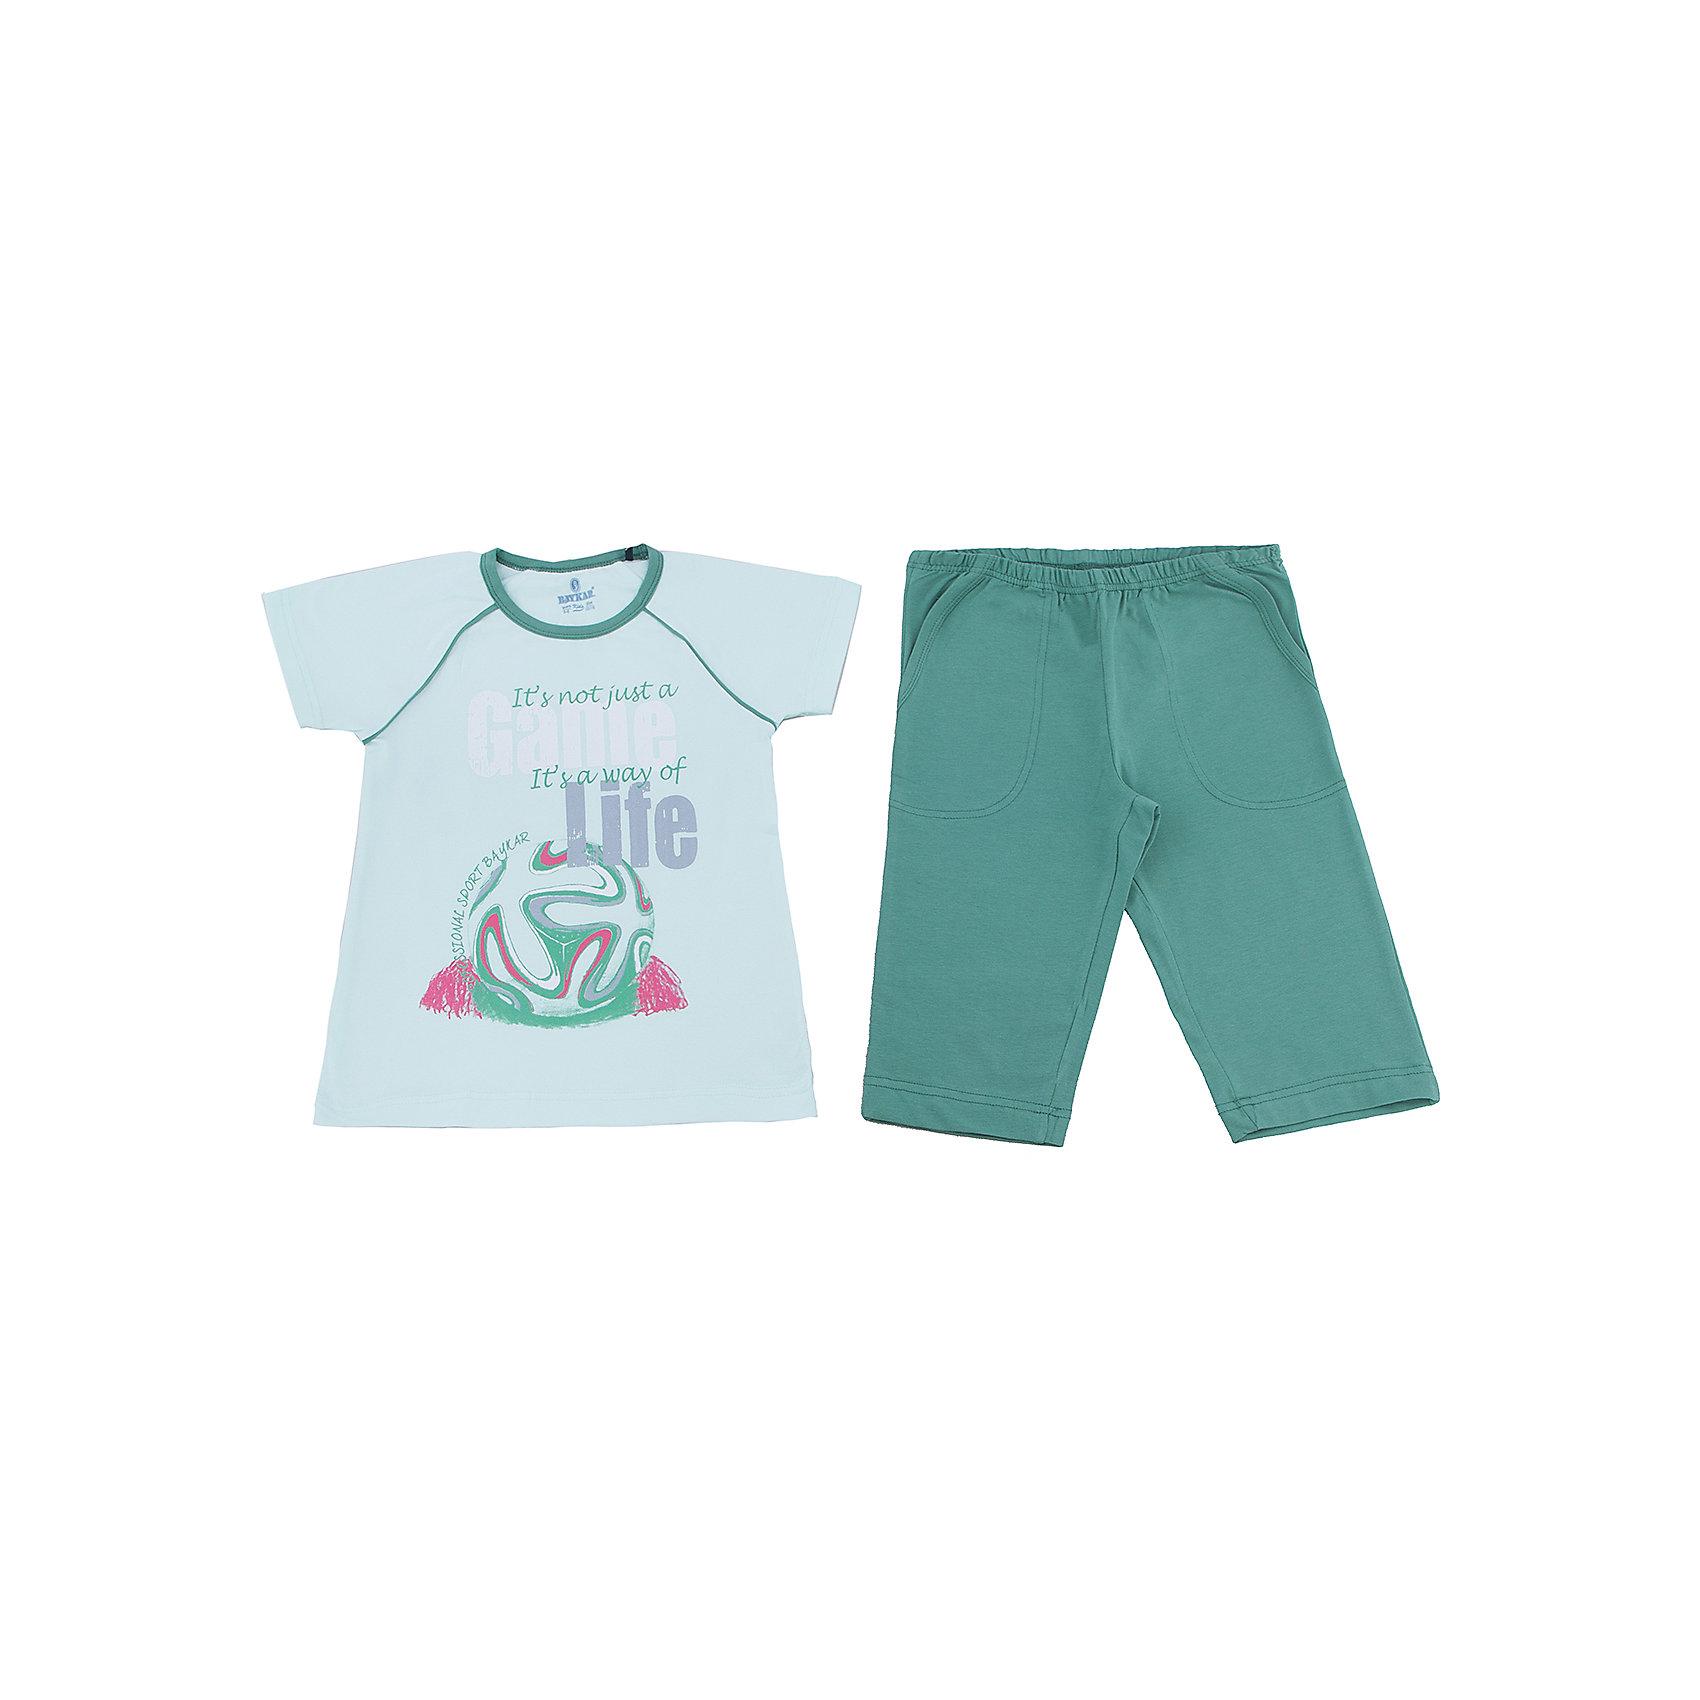 Пижама для мальчика BaykarПижамы и сорочки<br>Характеристики товара:<br><br>• цвет: зеленый<br>• состав ткани: хлопок, эластан<br>• комплектация: футболка, шорты<br>• пояс шорт: резинка<br>• сезон: круглый год<br>• страна бренда: Турция<br>• страна изготовитель: Турция<br><br>Эта зеленая пижама для мальчика позволяет обеспечить комфортный сон. Такой комплект для сна состоит из футболки и шорт, он сделан из мягкого дышащего материала. <br><br>Продуманный крой обеспечивает комфортную посадку. Пижама для мальчика Baykar украшена симпатичным принтом.<br><br>Пижаму для мальчикаBaykar (Байкар) можно купить в нашем интернет-магазине.<br><br>Ширина мм: 281<br>Глубина мм: 70<br>Высота мм: 188<br>Вес г: 295<br>Цвет: зеленый<br>Возраст от месяцев: 72<br>Возраст до месяцев: 84<br>Пол: Мужской<br>Возраст: Детский<br>Размер: 116/122,98/104,104/110,110/116<br>SKU: 6764901